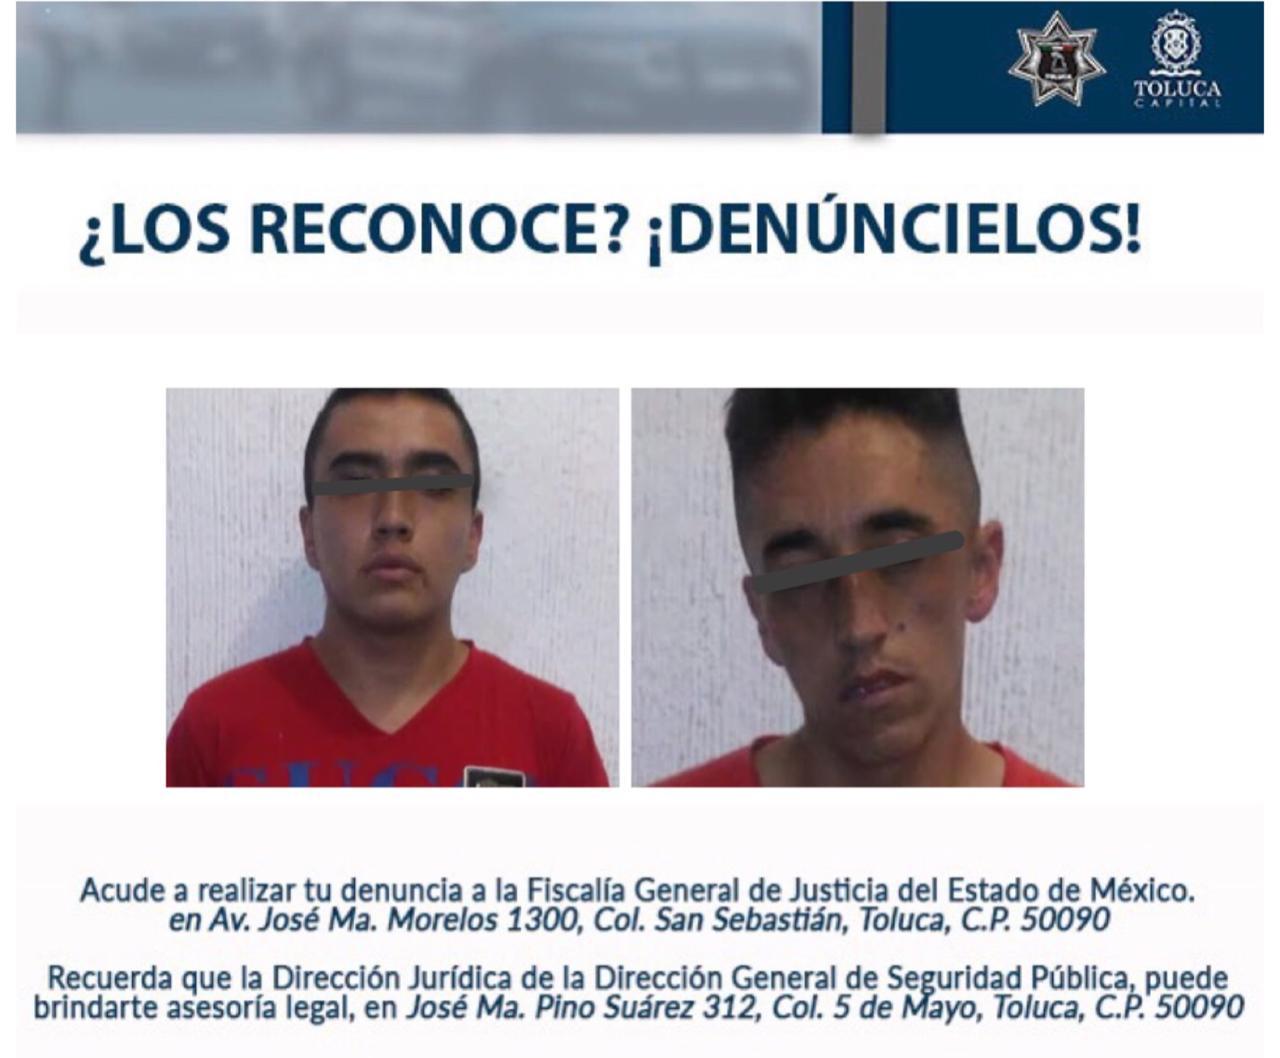 Detienen a dos presuntos delincuentes dedicados al robo al interior de vehículo en Parque Alameda